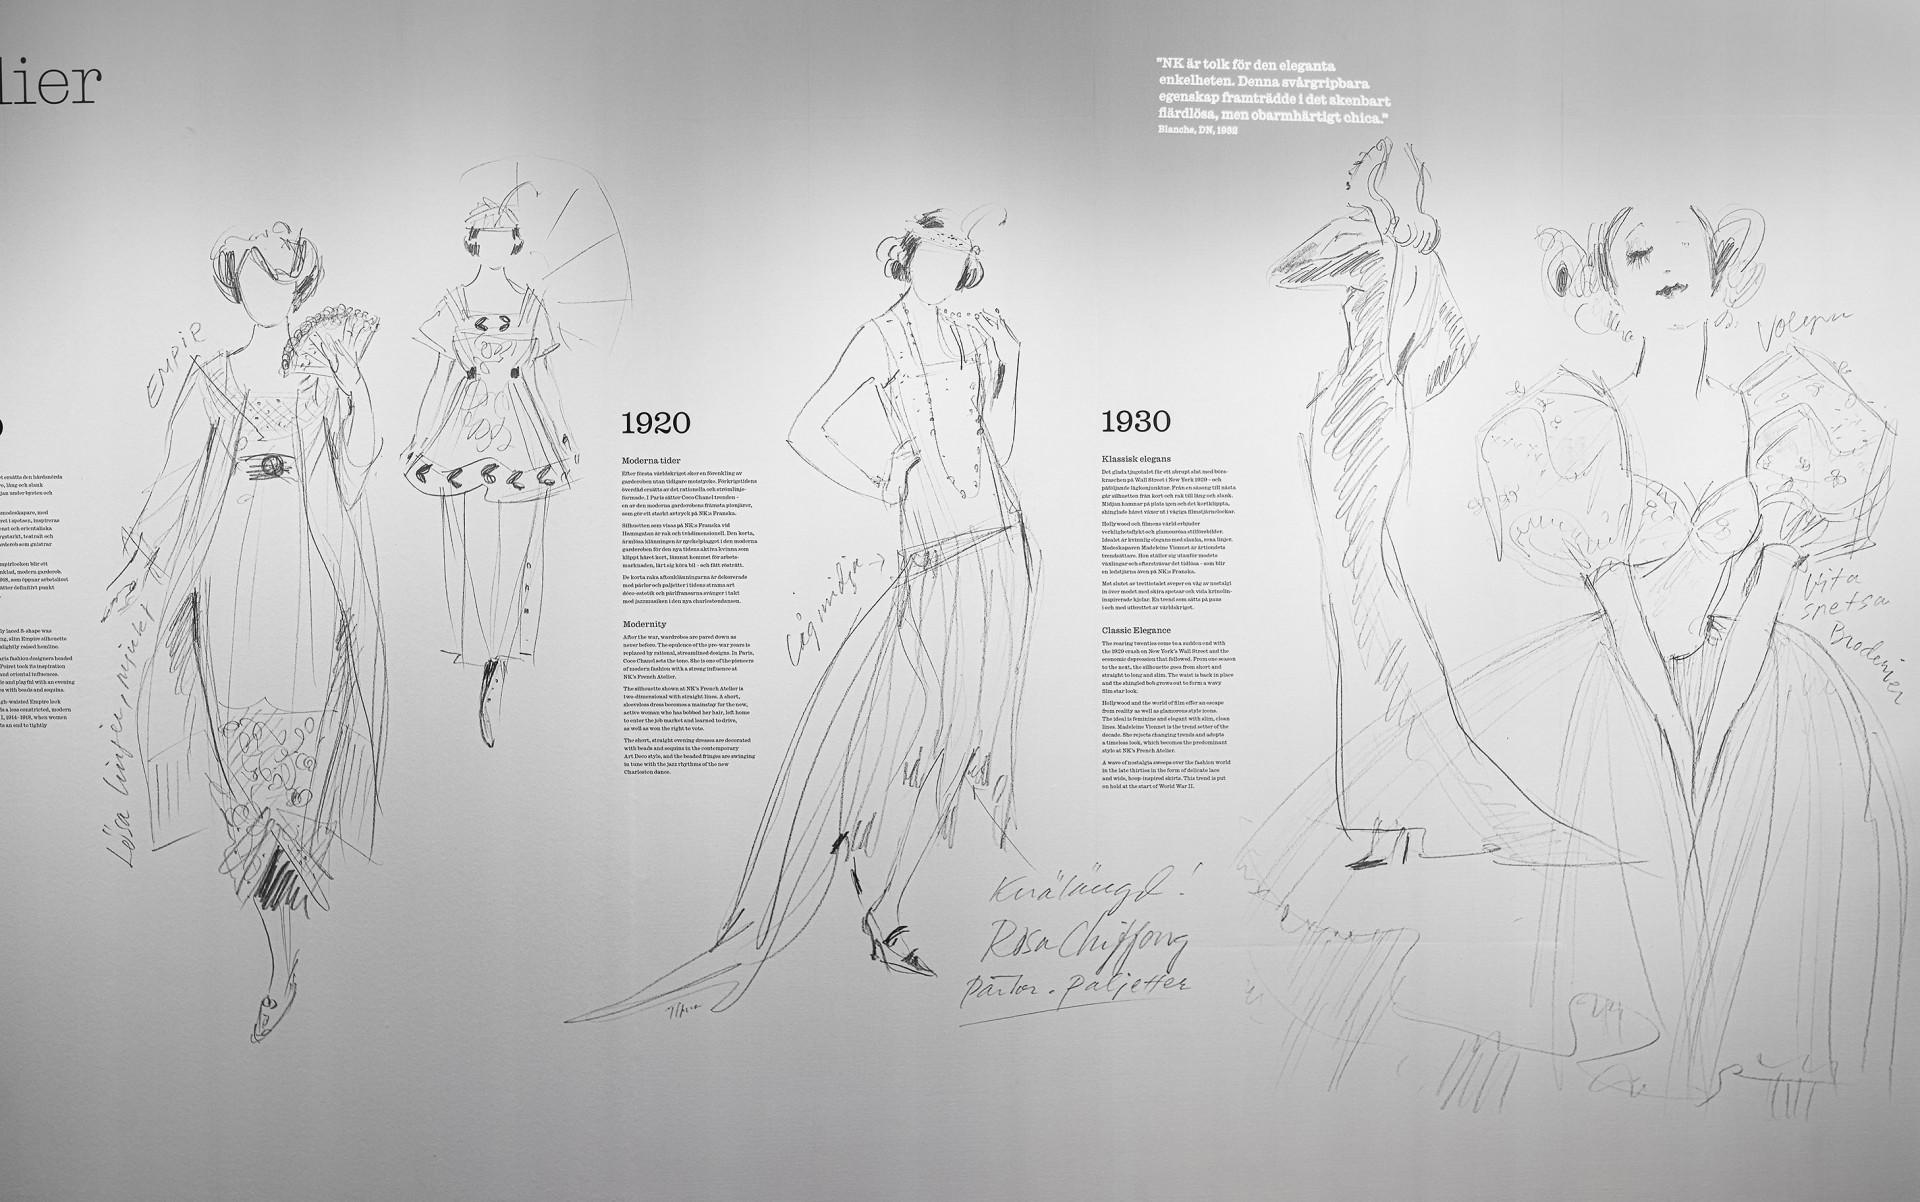 Modeskisser och text på en vit vägg